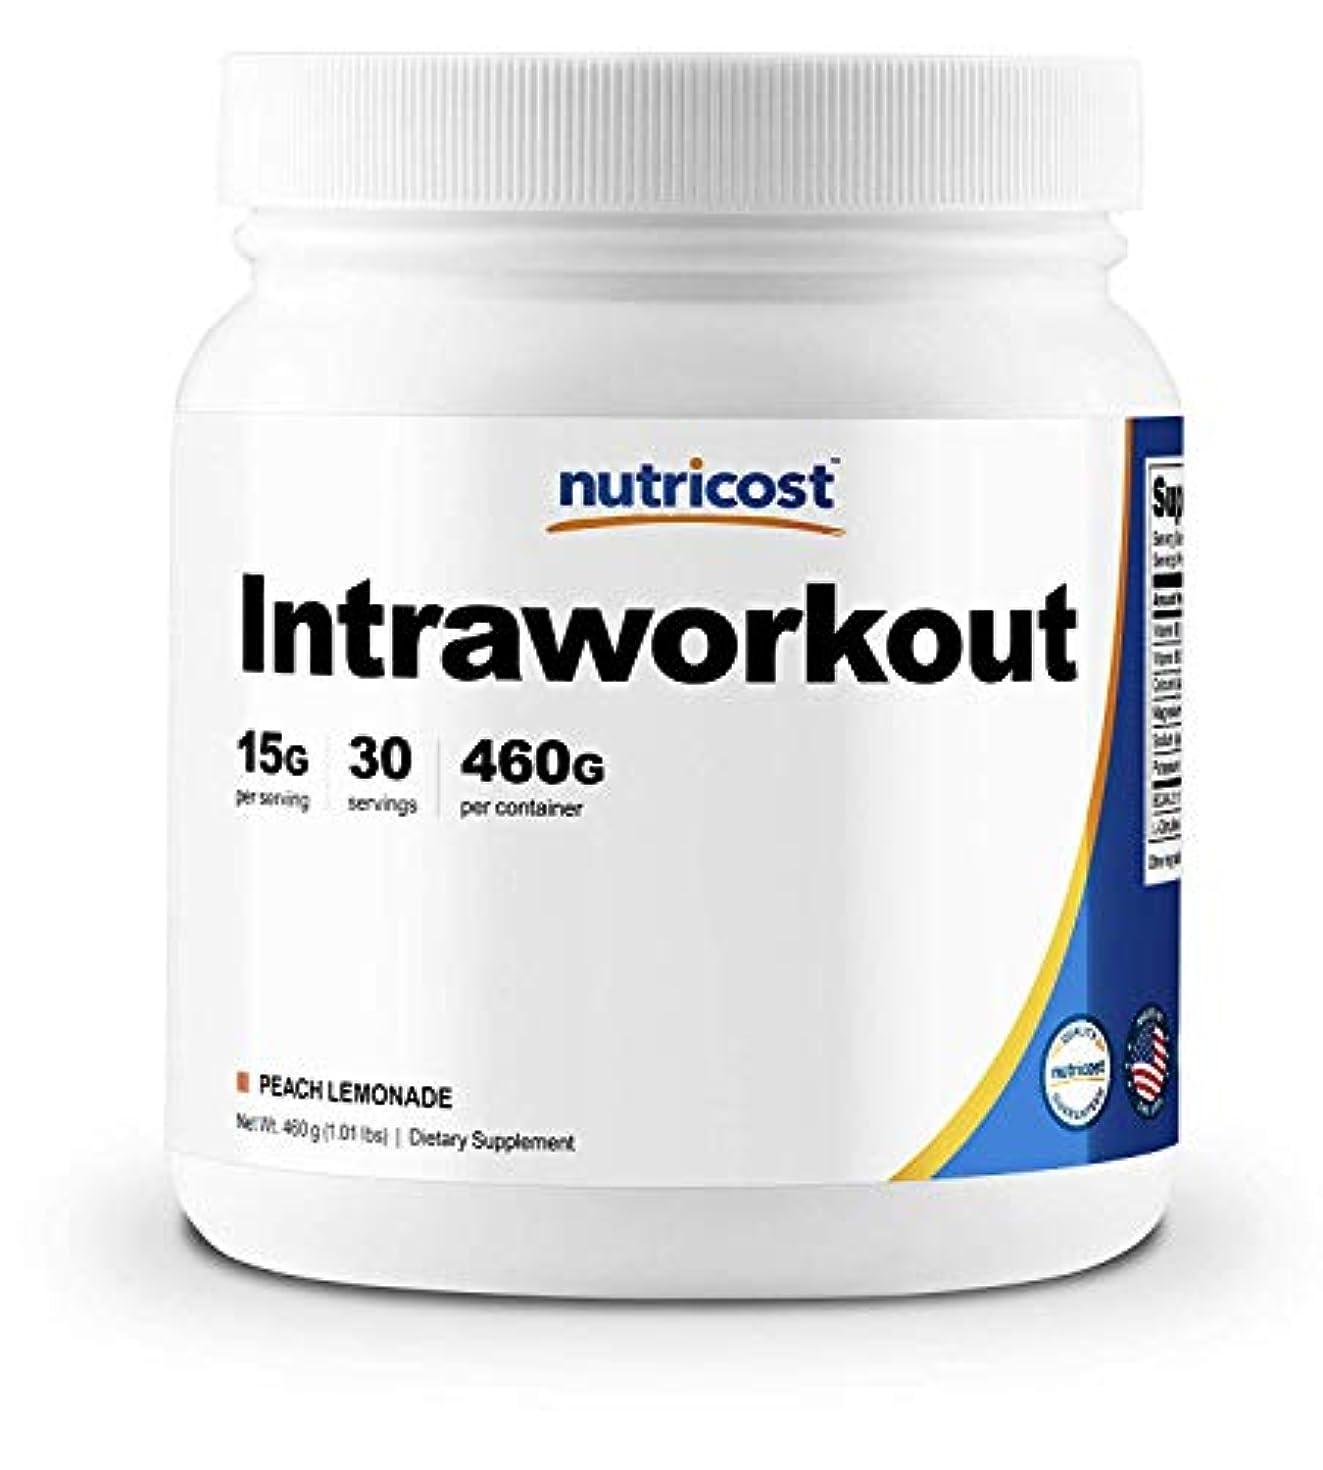 Nutricost イントラワークアウトパウダー(ピーチレモネード味)、非GMO、グルテンフリー